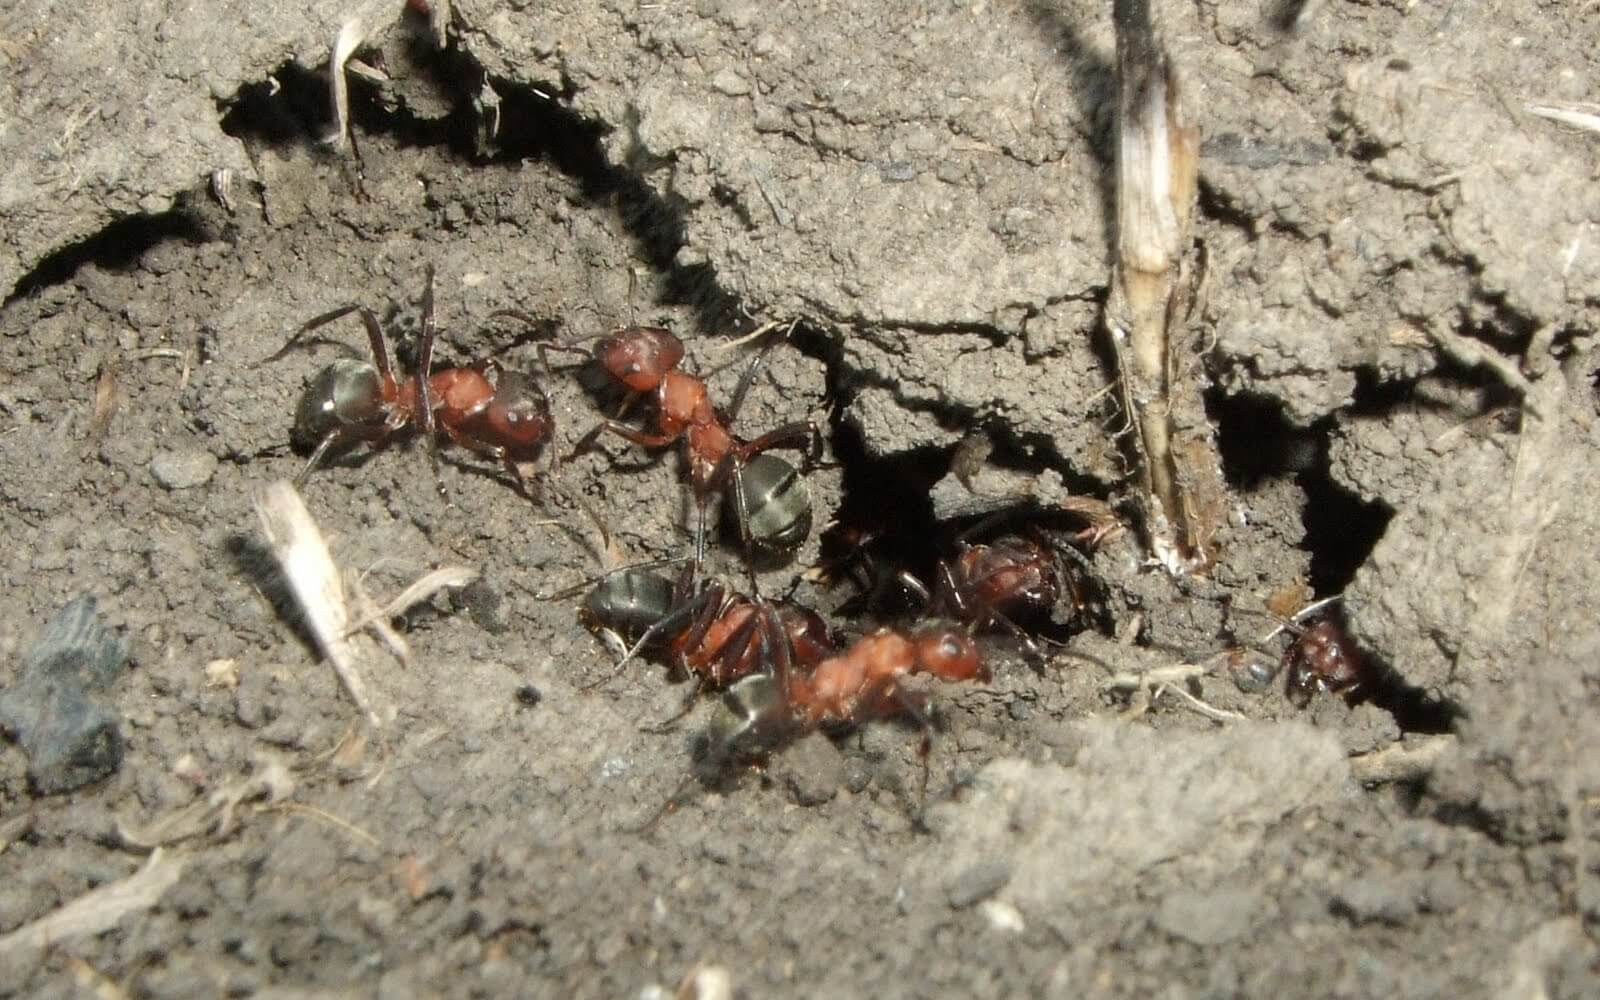 Приметы и суеверия о муравьях